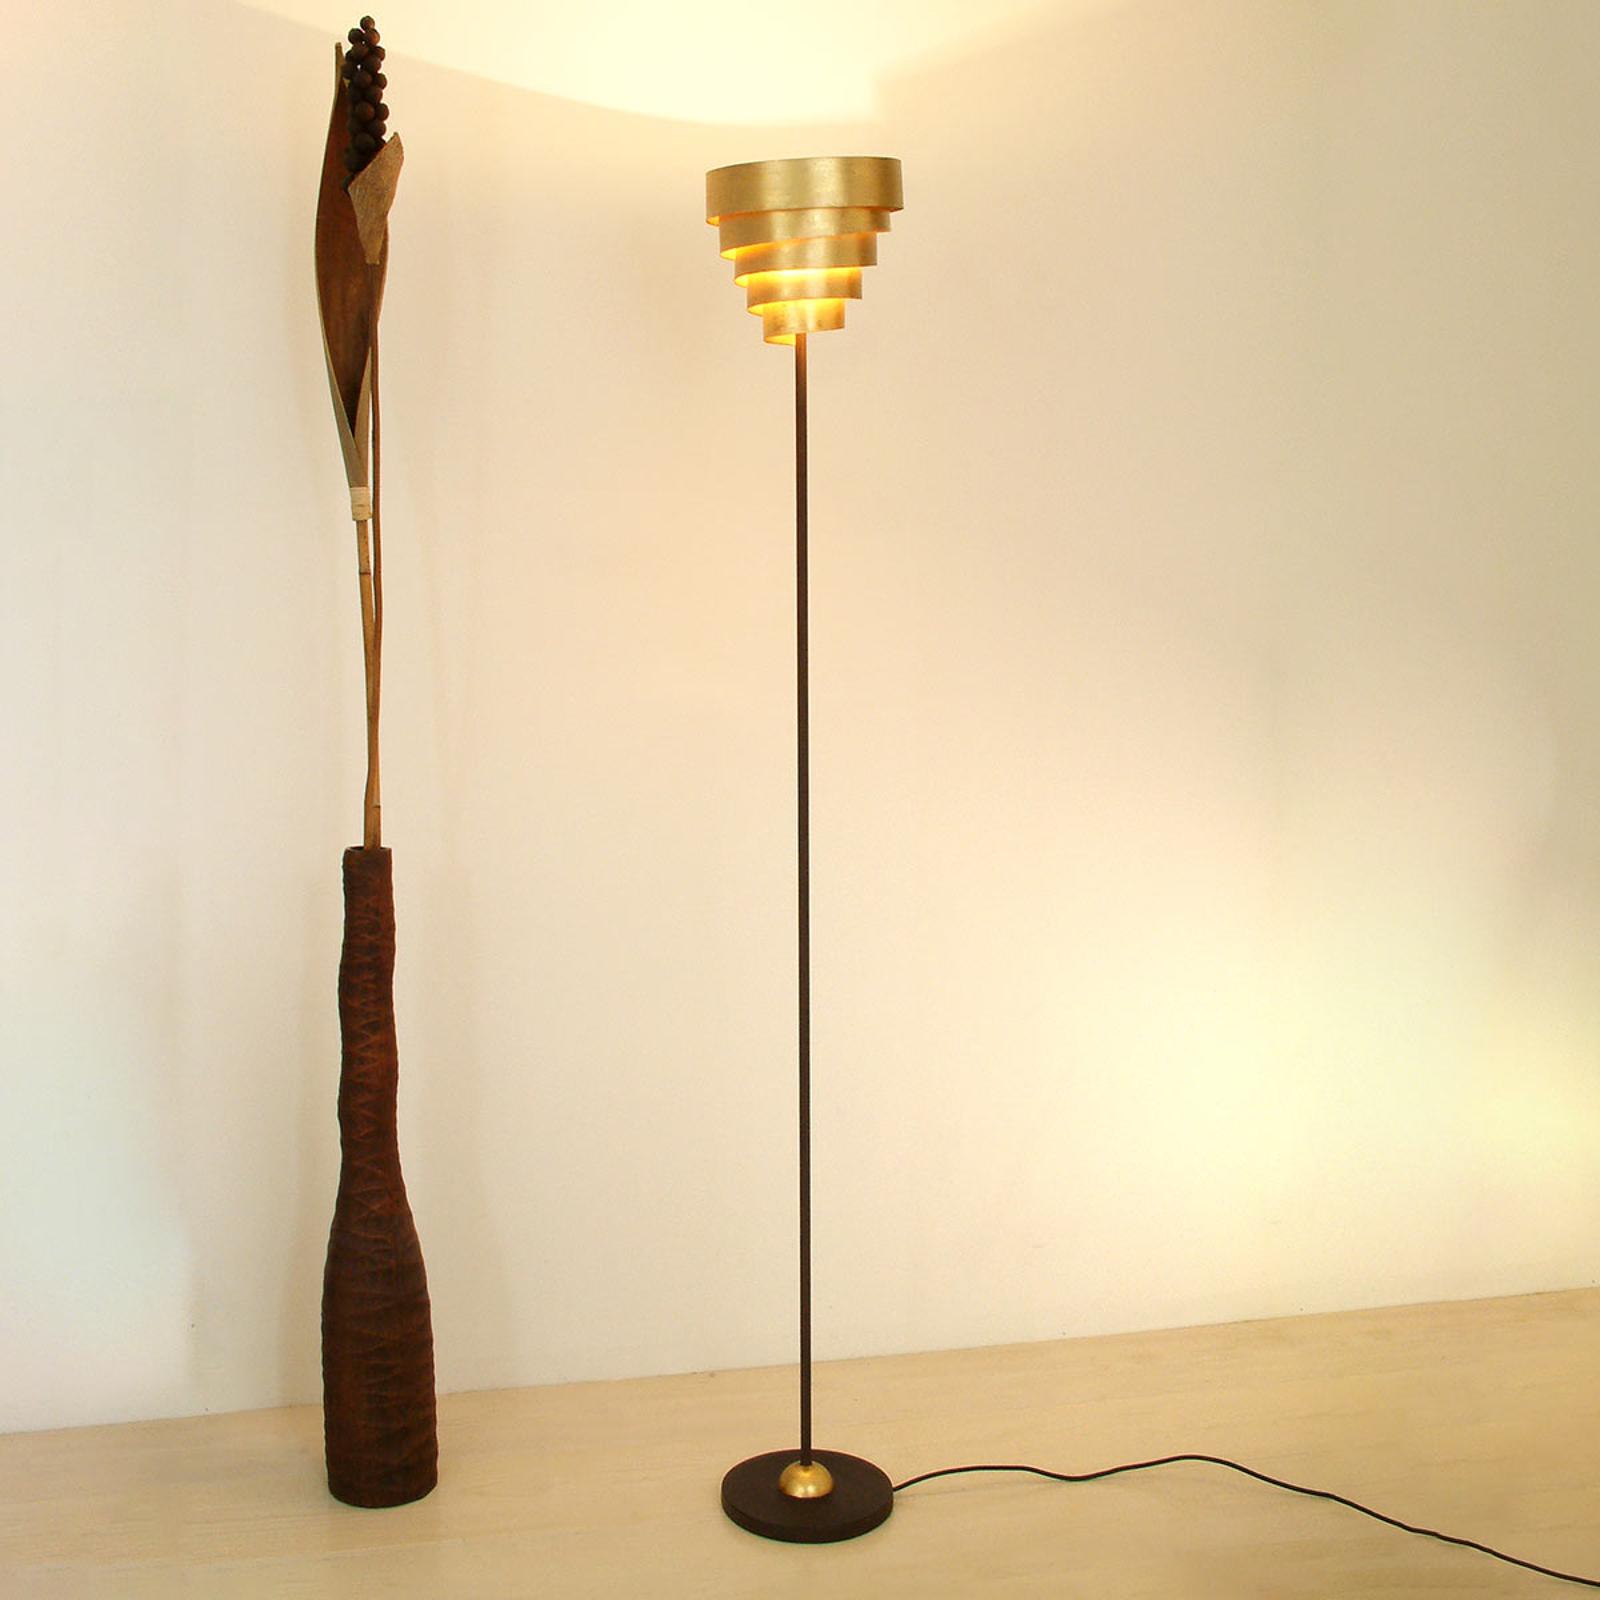 Wspaniała lampa stojąca BANDEROLE brąz-złoty